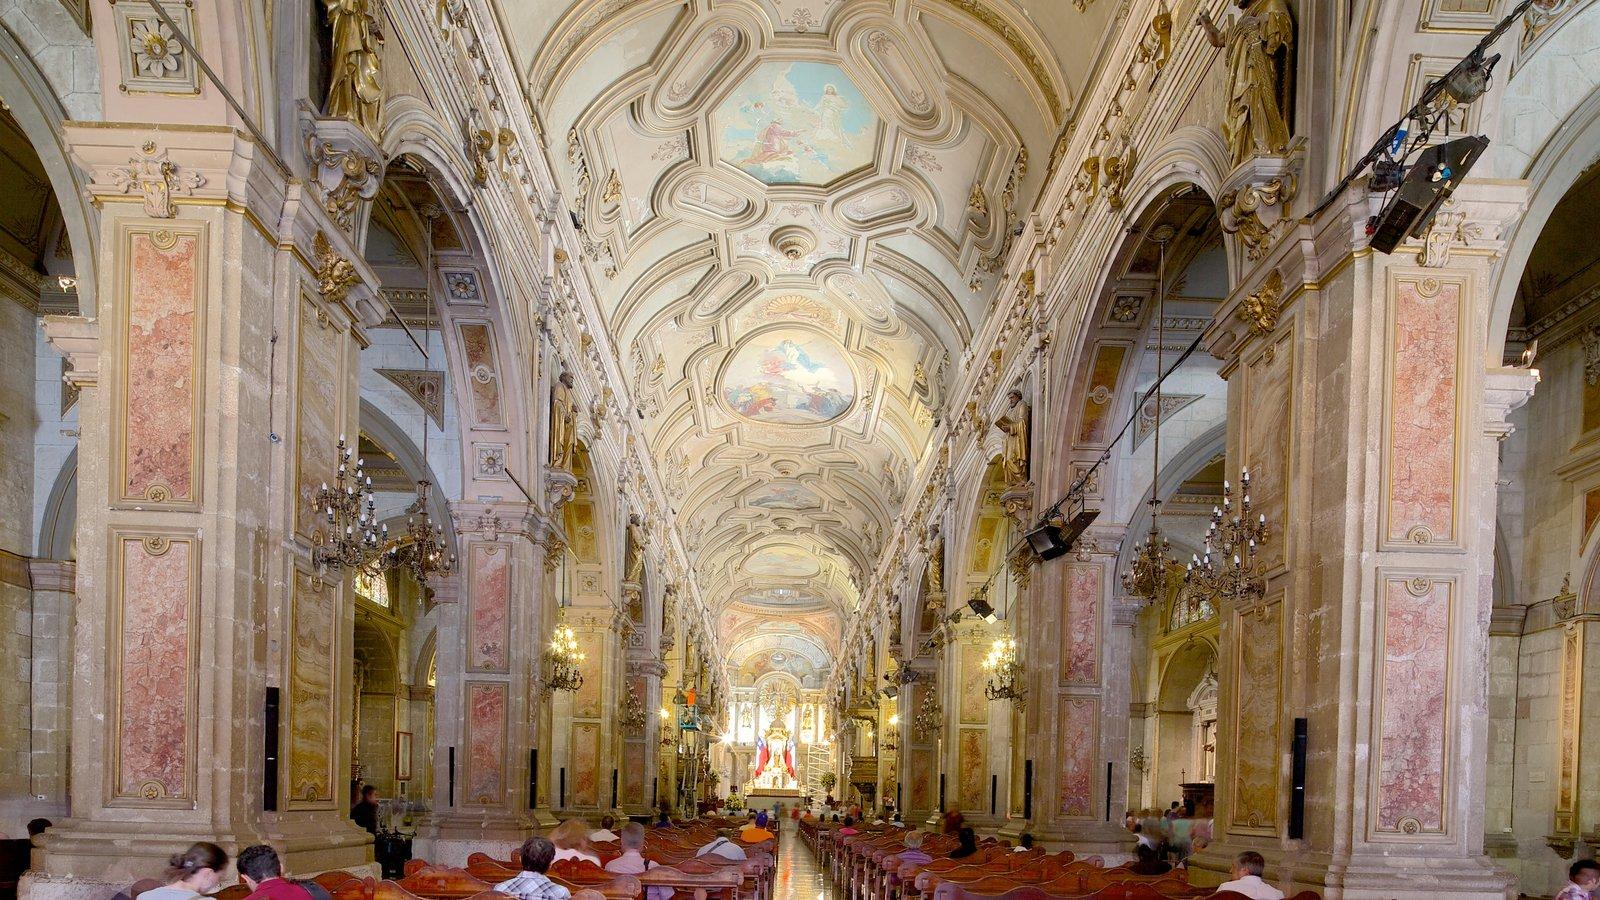 Santiago caracterizando uma igreja ou catedral, aspectos religiosos e vistas internas